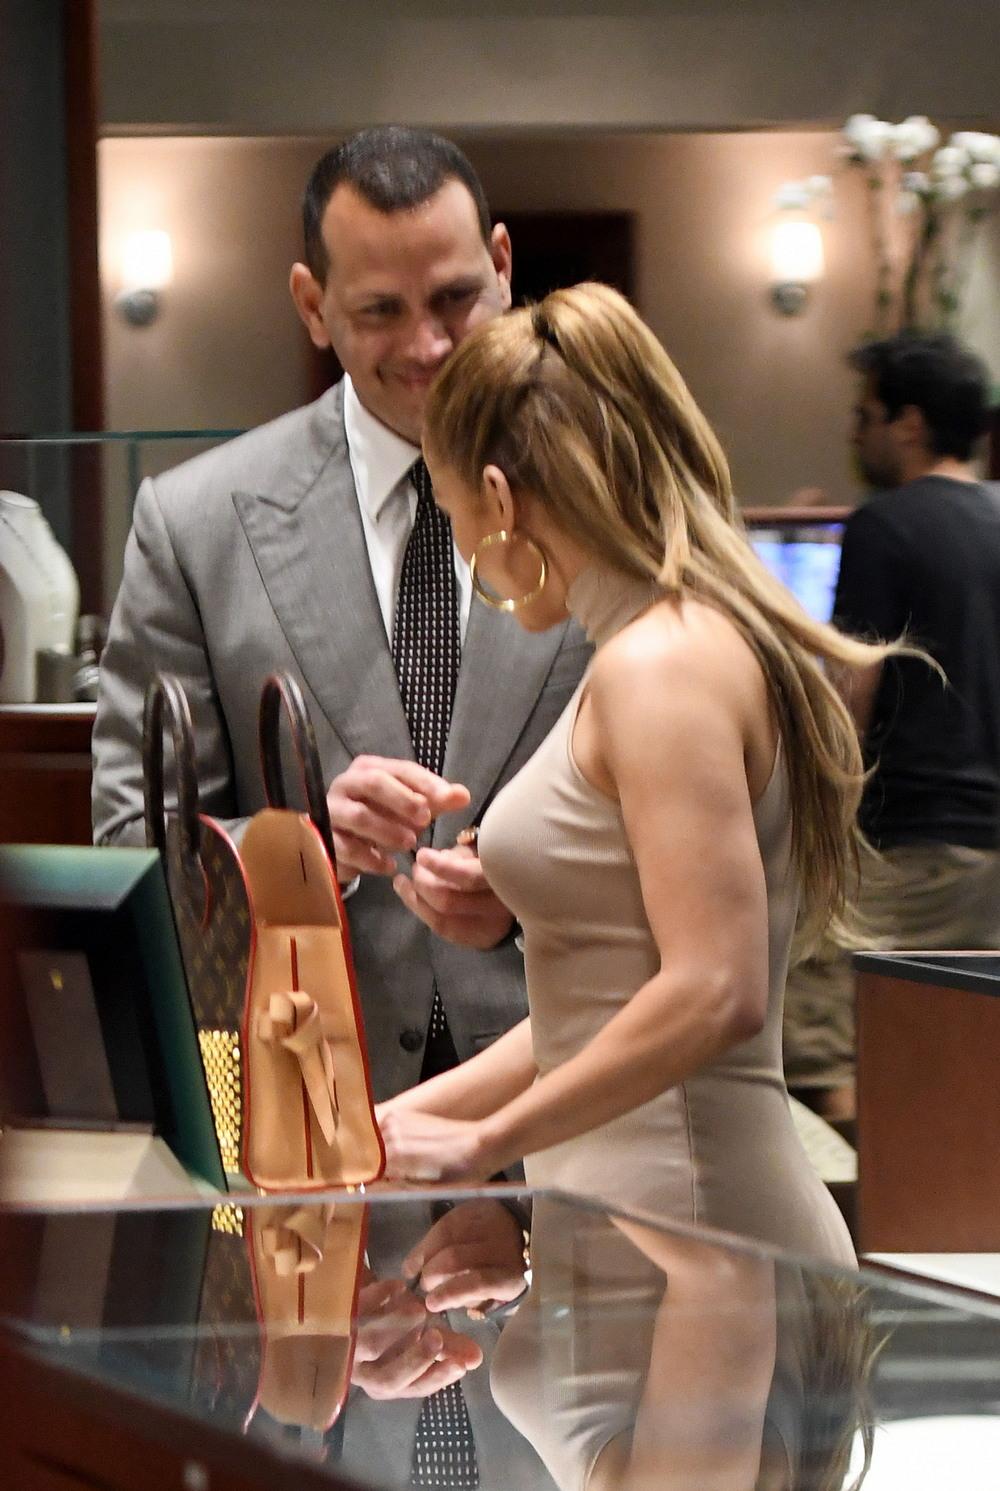 Дженнифер Лопес с кавалером посетила ювелирный магазин